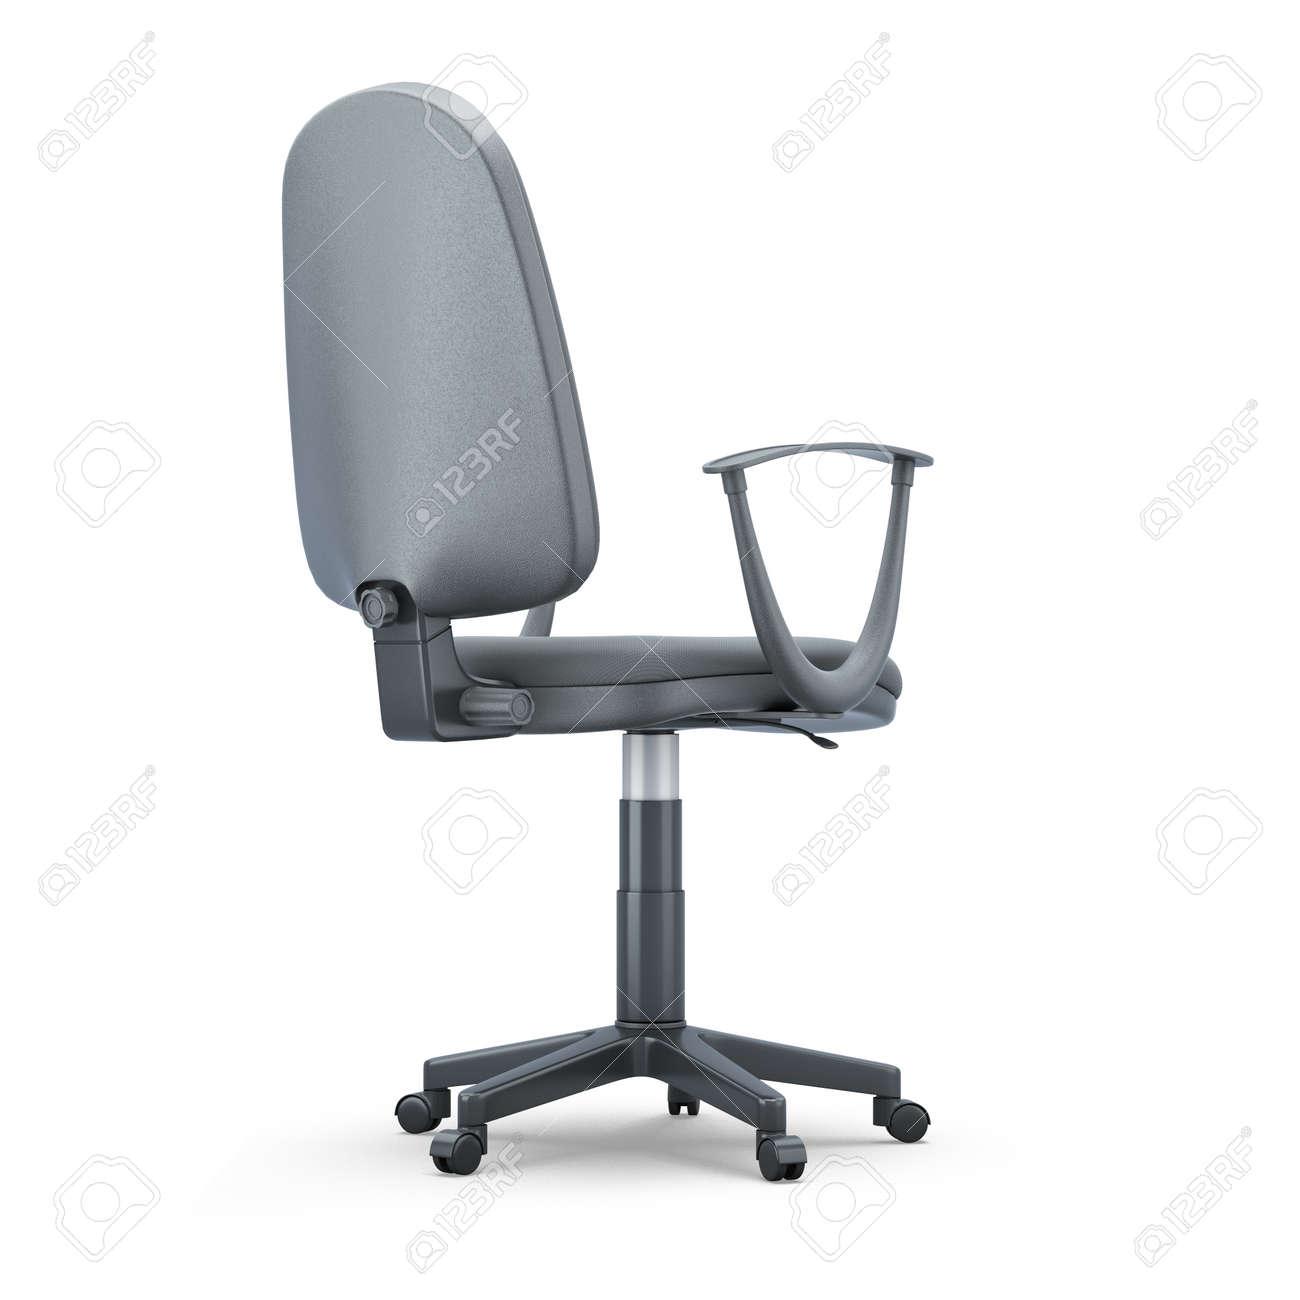 Chaise de bureau confortable isolé sur fond blanc. 6d illustration.